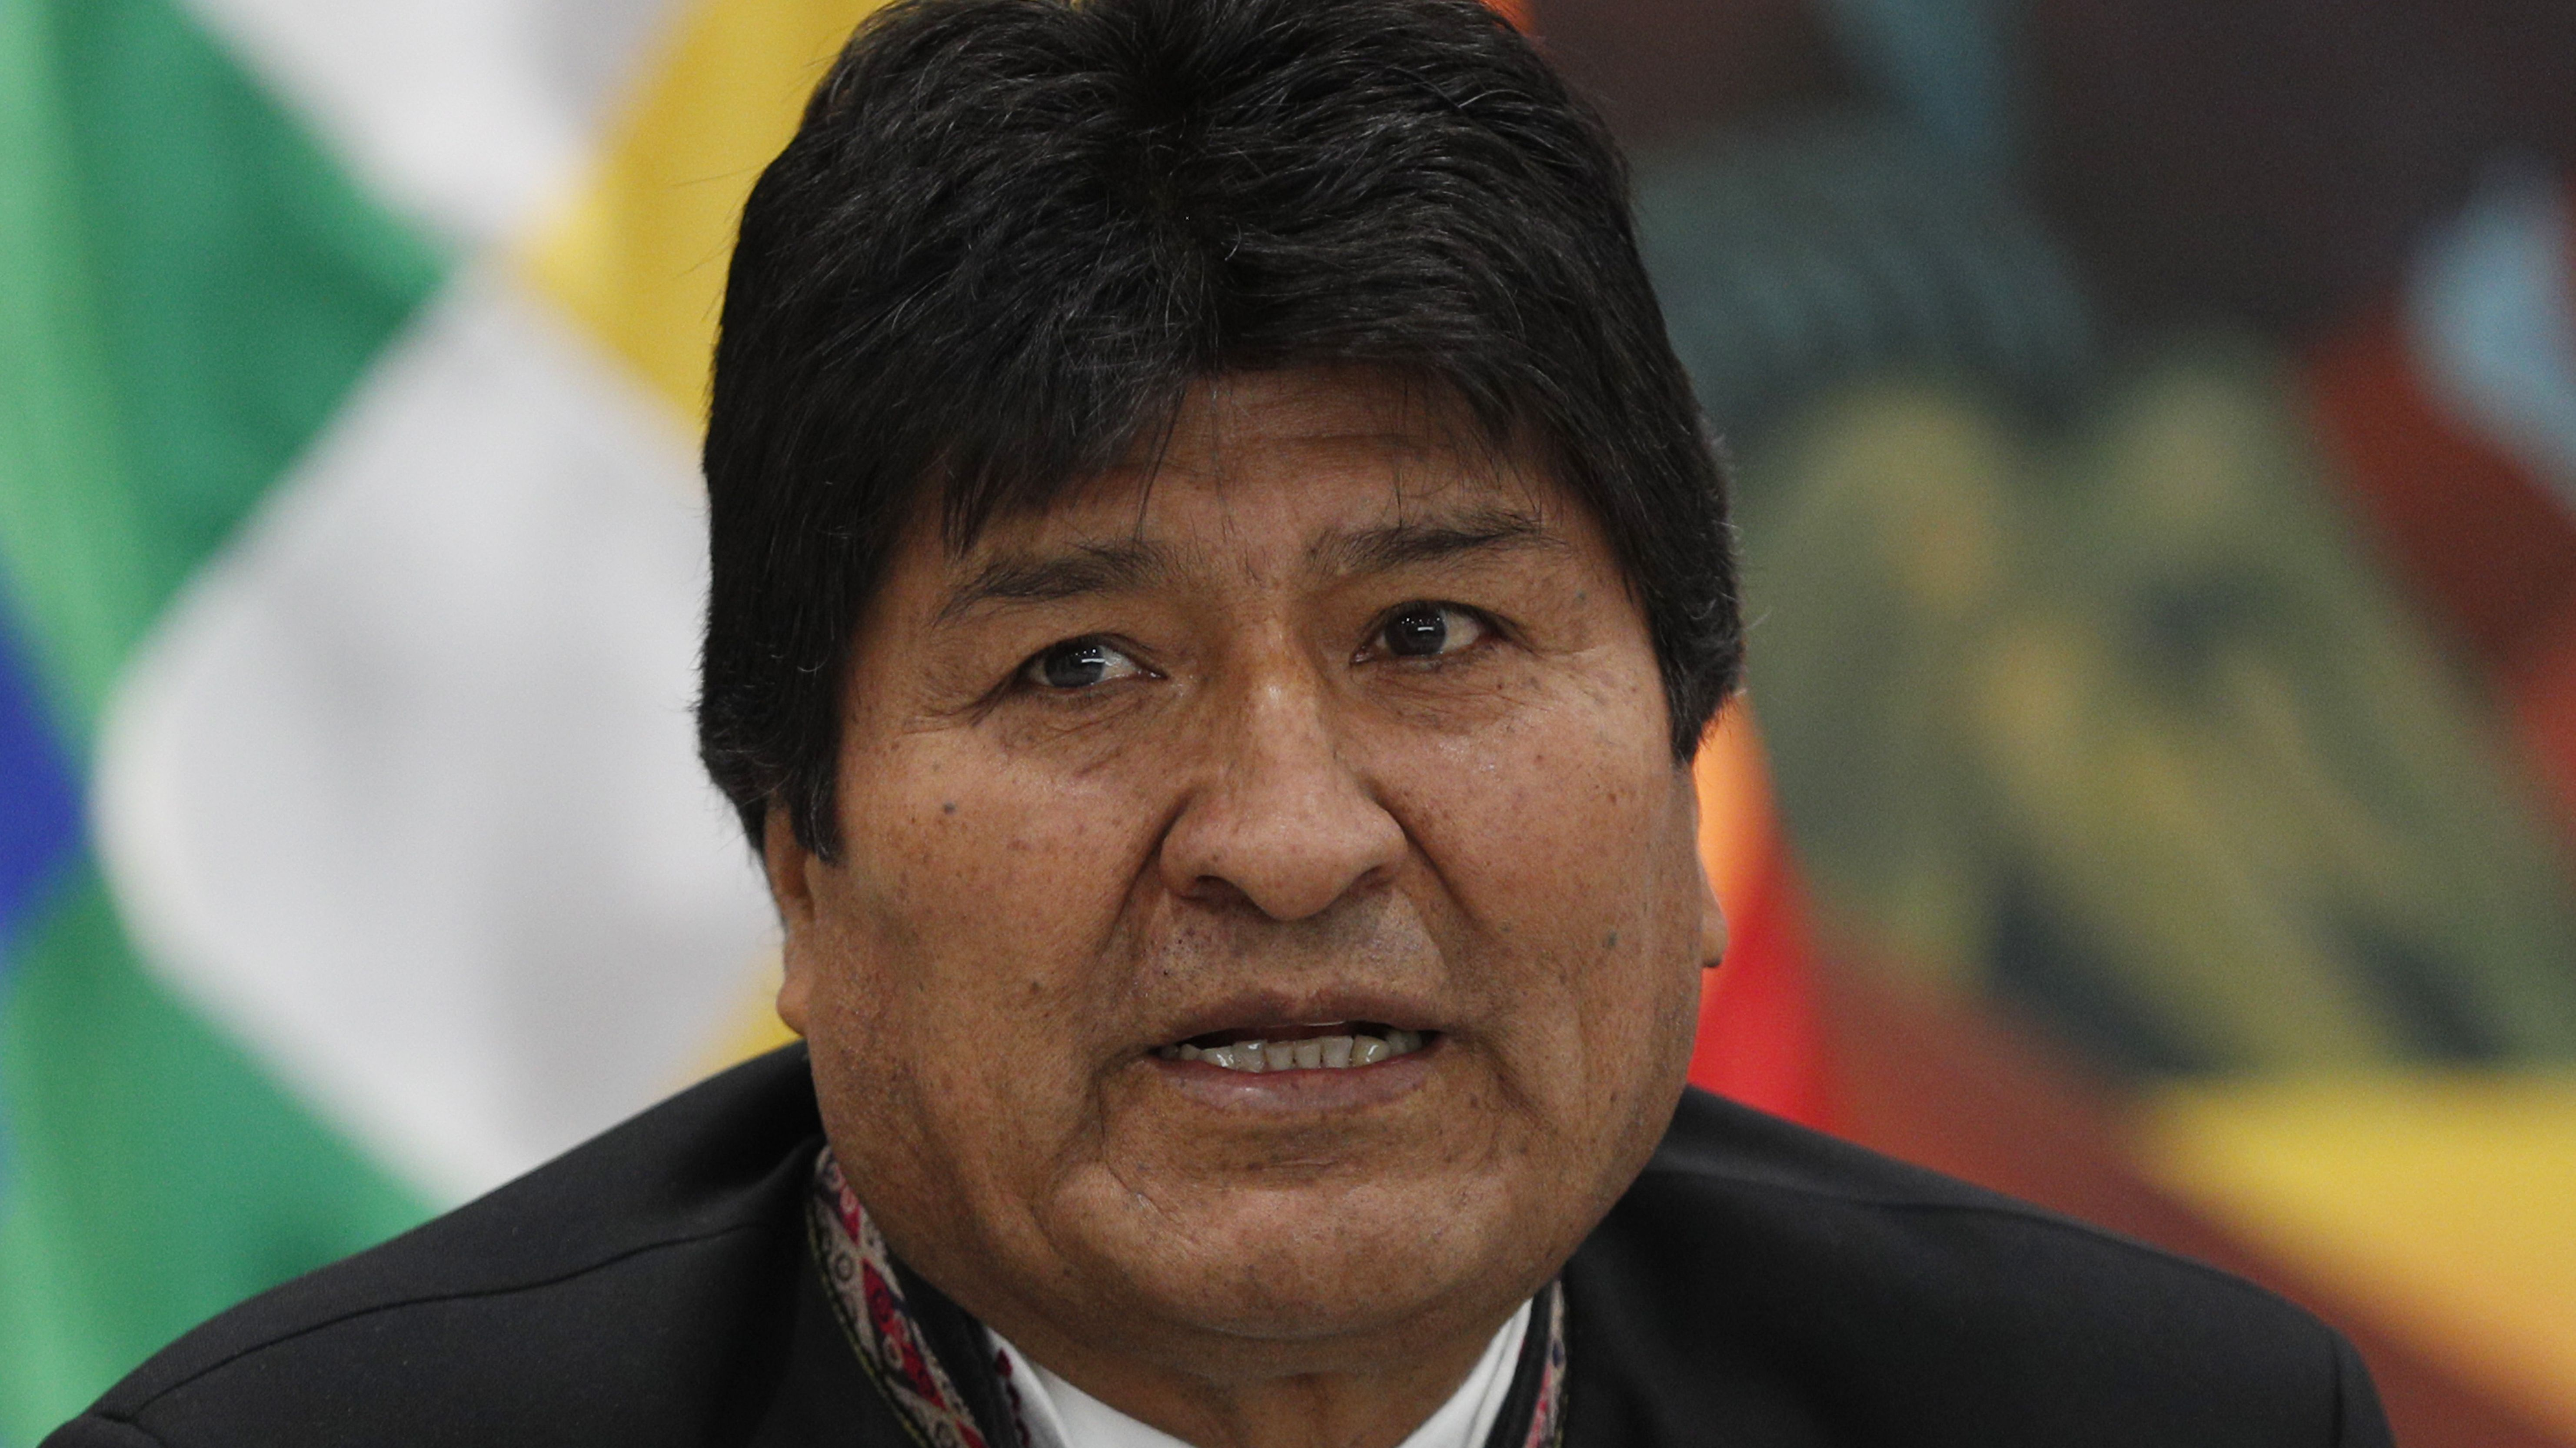 Evo Morales bei einer Pressekonferenz im Präsidentenpalast in La Paz (Archivbild).